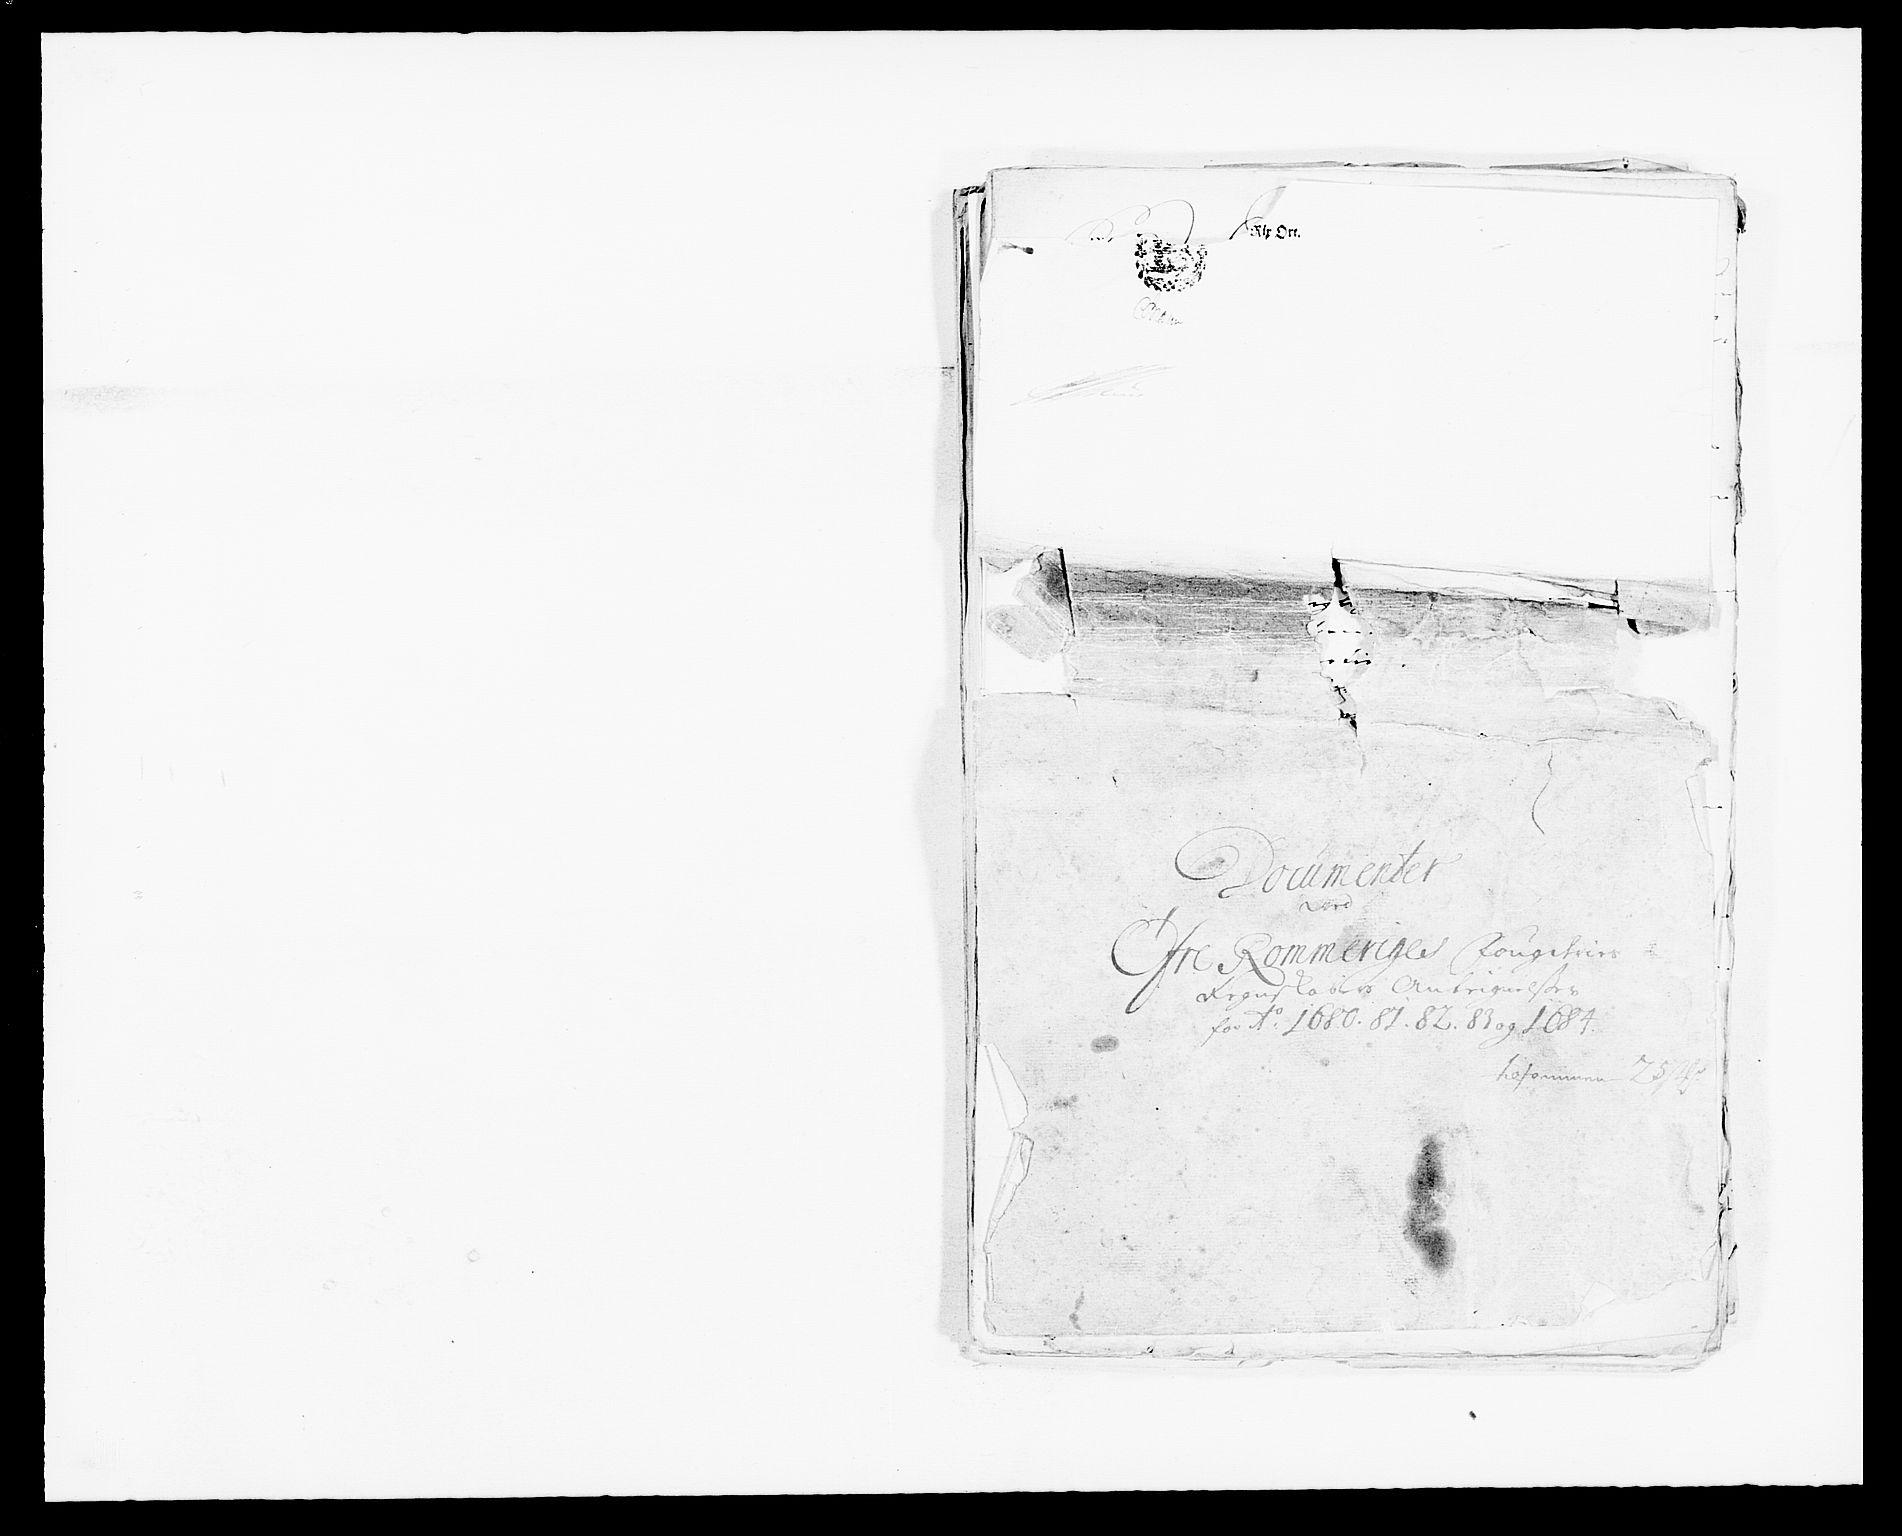 RA, Rentekammeret inntil 1814, Reviderte regnskaper, Fogderegnskap, R12/L0698: Fogderegnskap Øvre Romerike, 1684, s. 220